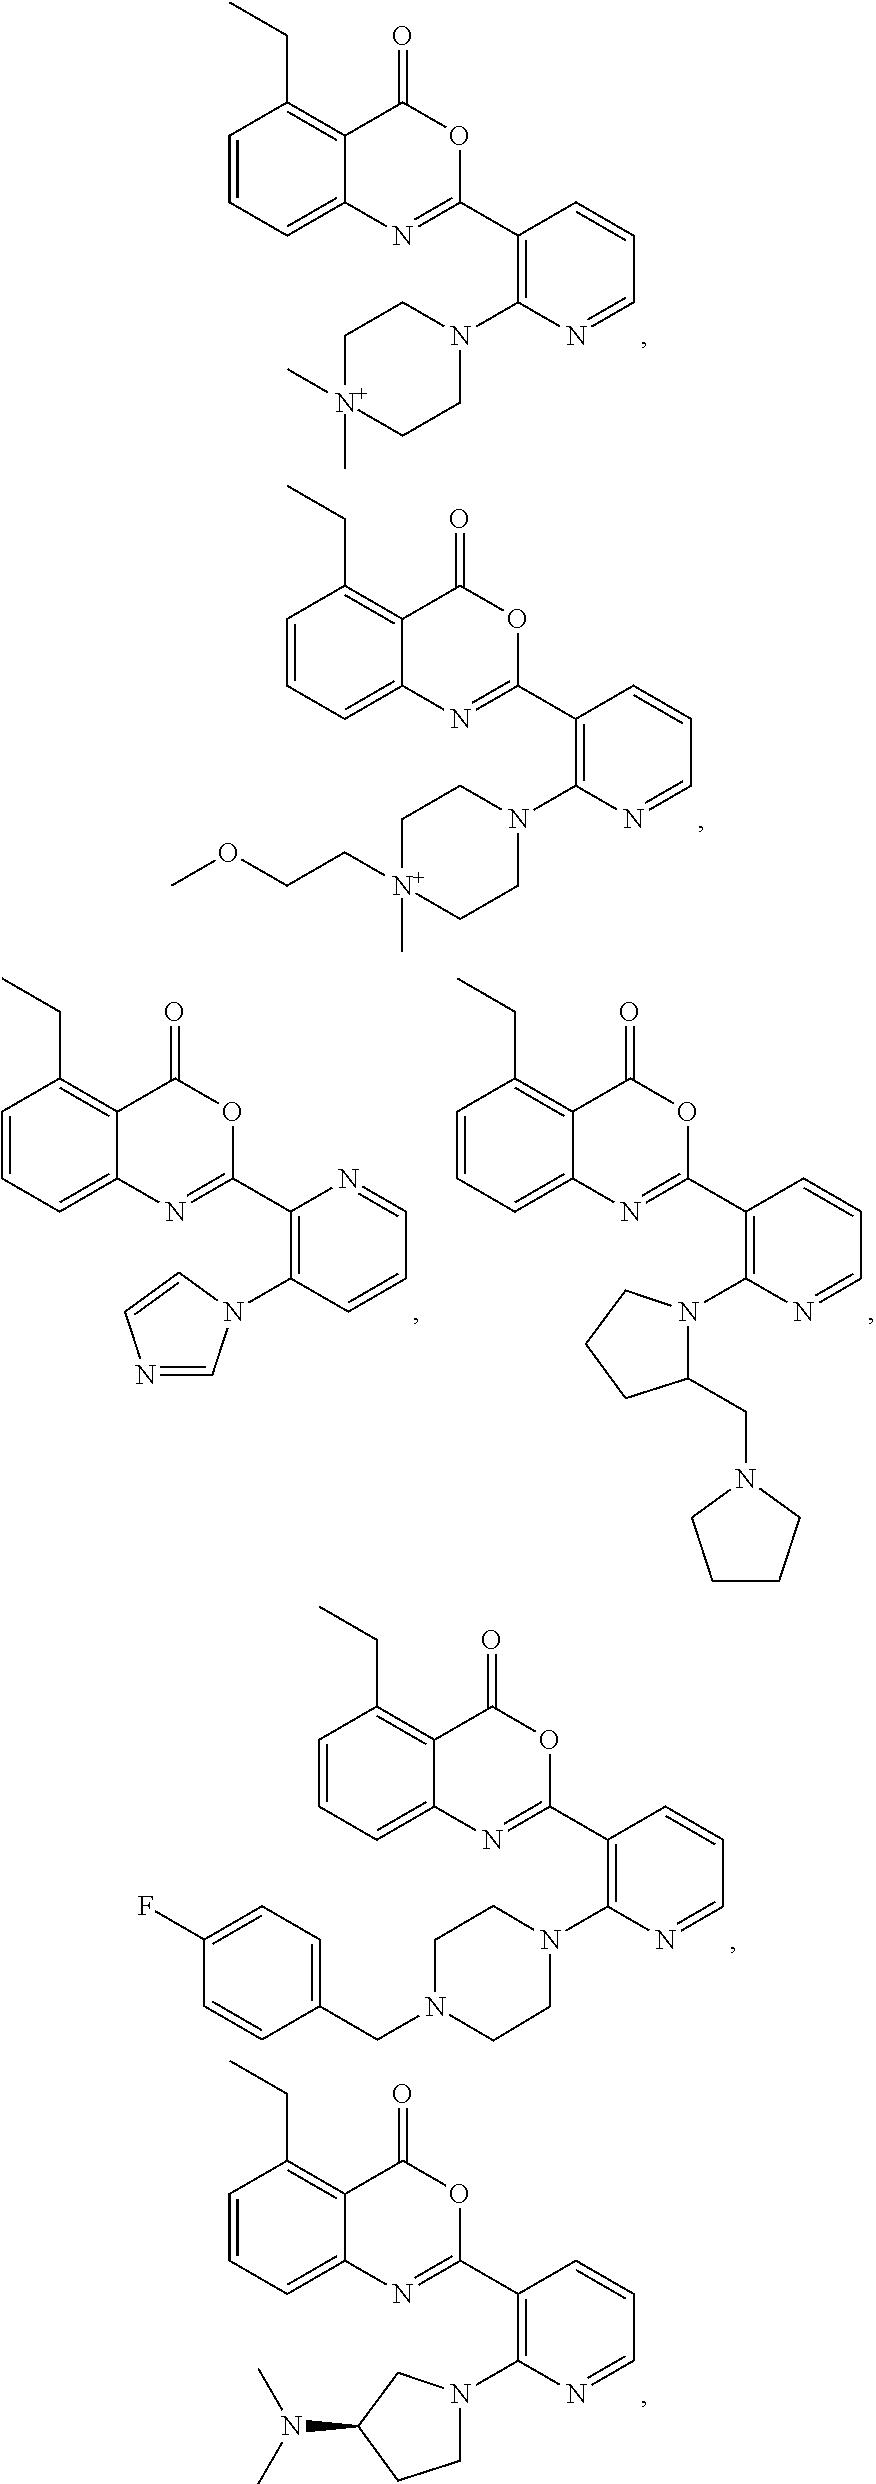 Figure US07879846-20110201-C00390